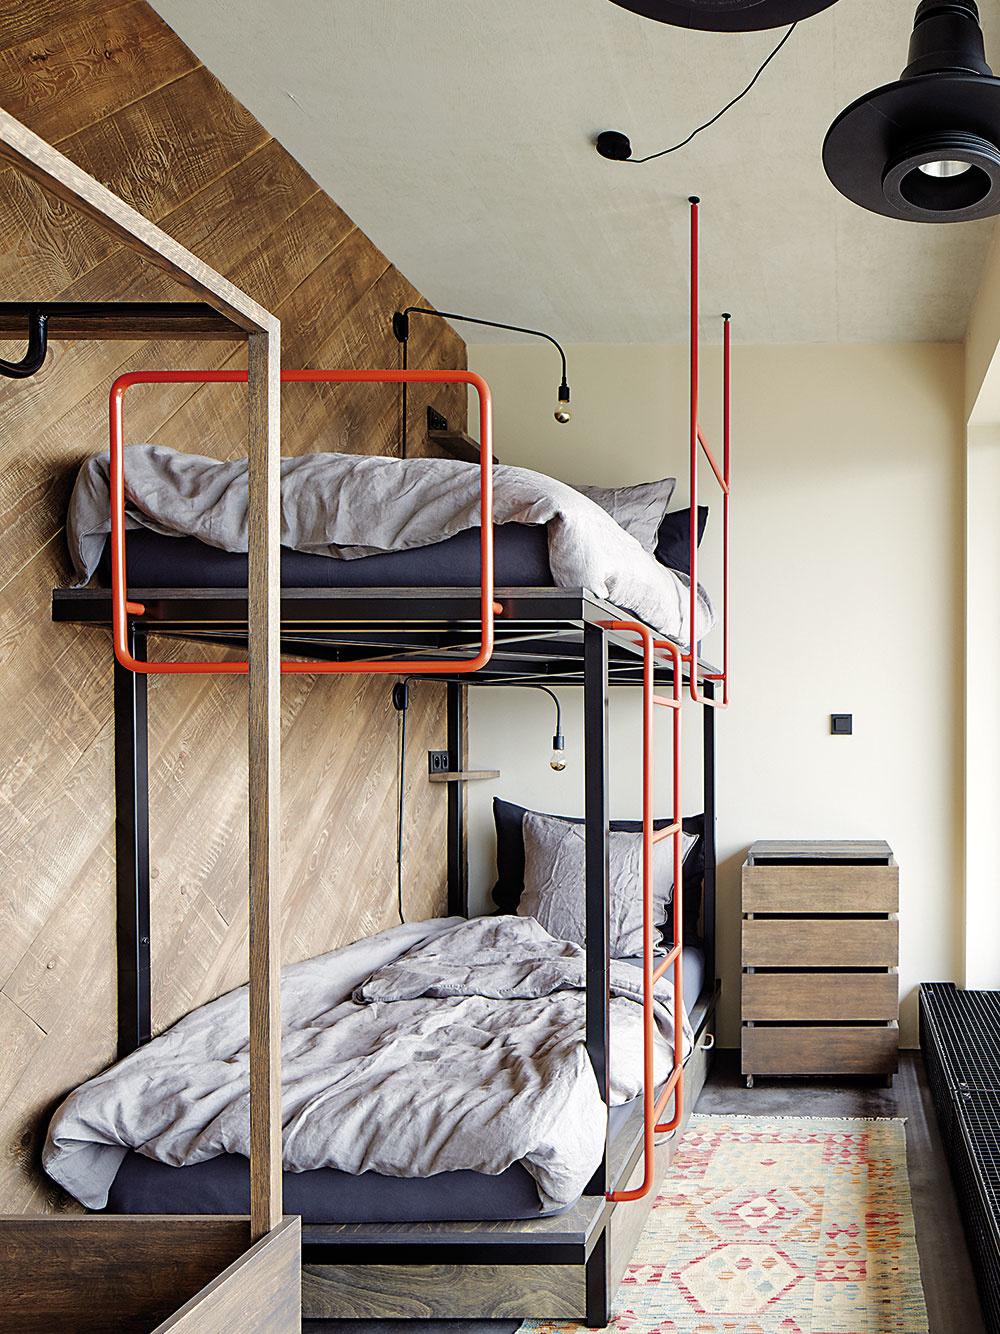 Poschodová posteľ so zábradlím aschodíkmi znaoranžovo natretých rúrok patrí k originálnym prvkom, navrhnutým na mieru.